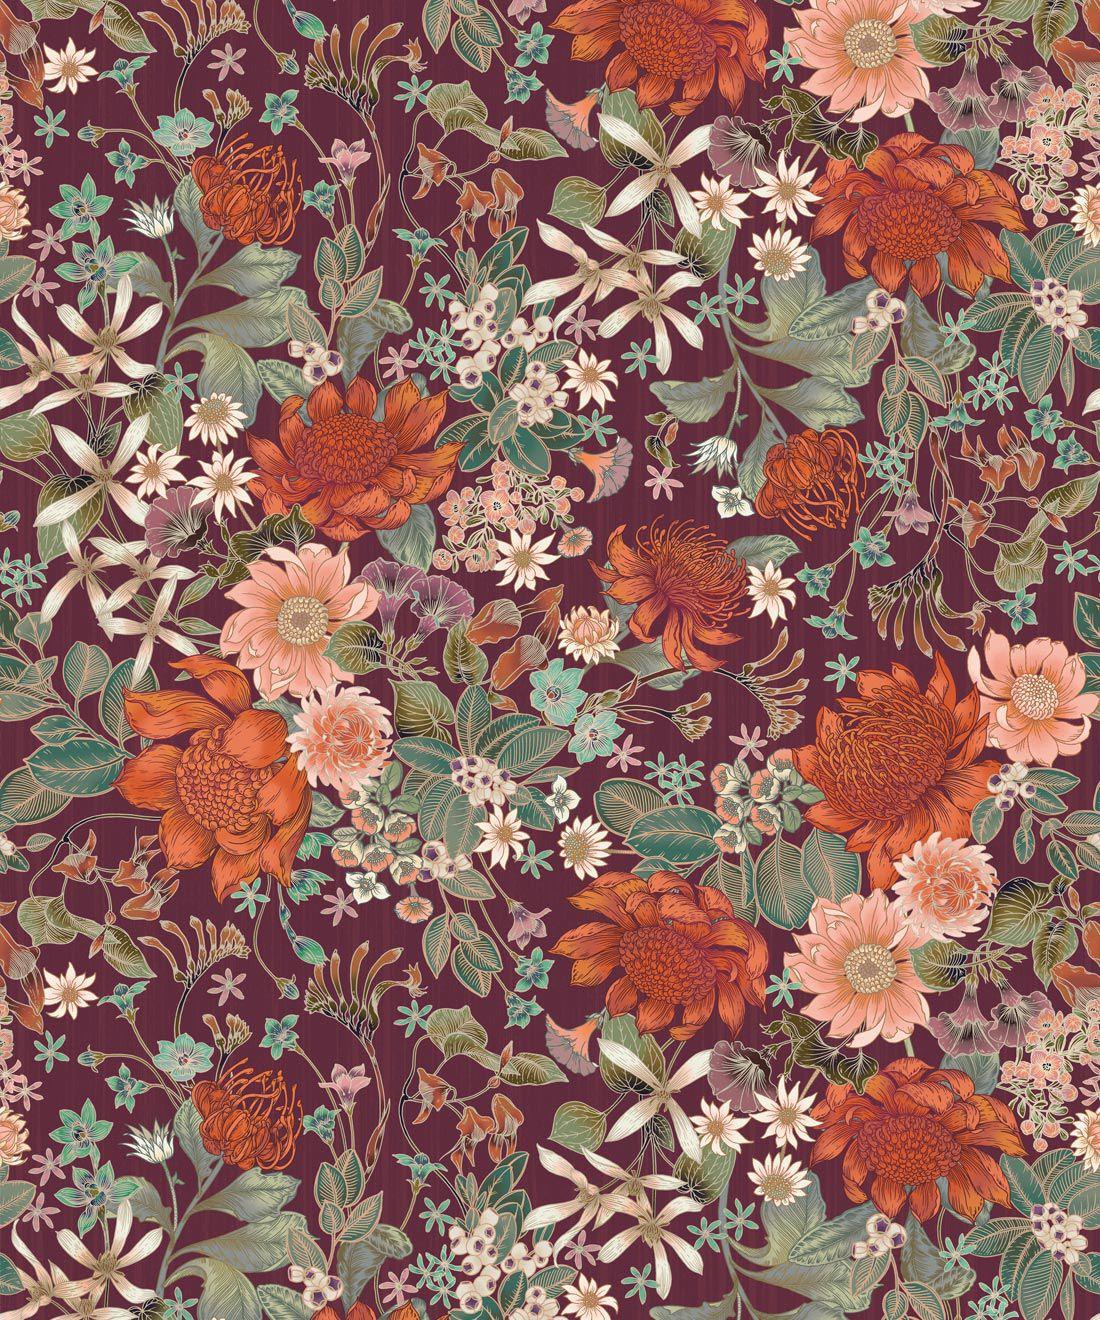 Bouquet Wallpaper • Eloise Short • Vintage Floral Wallpaper •Granny Chic Wallpaper • Grandmillennial Style Wallpaper •Mulberry •Swatch